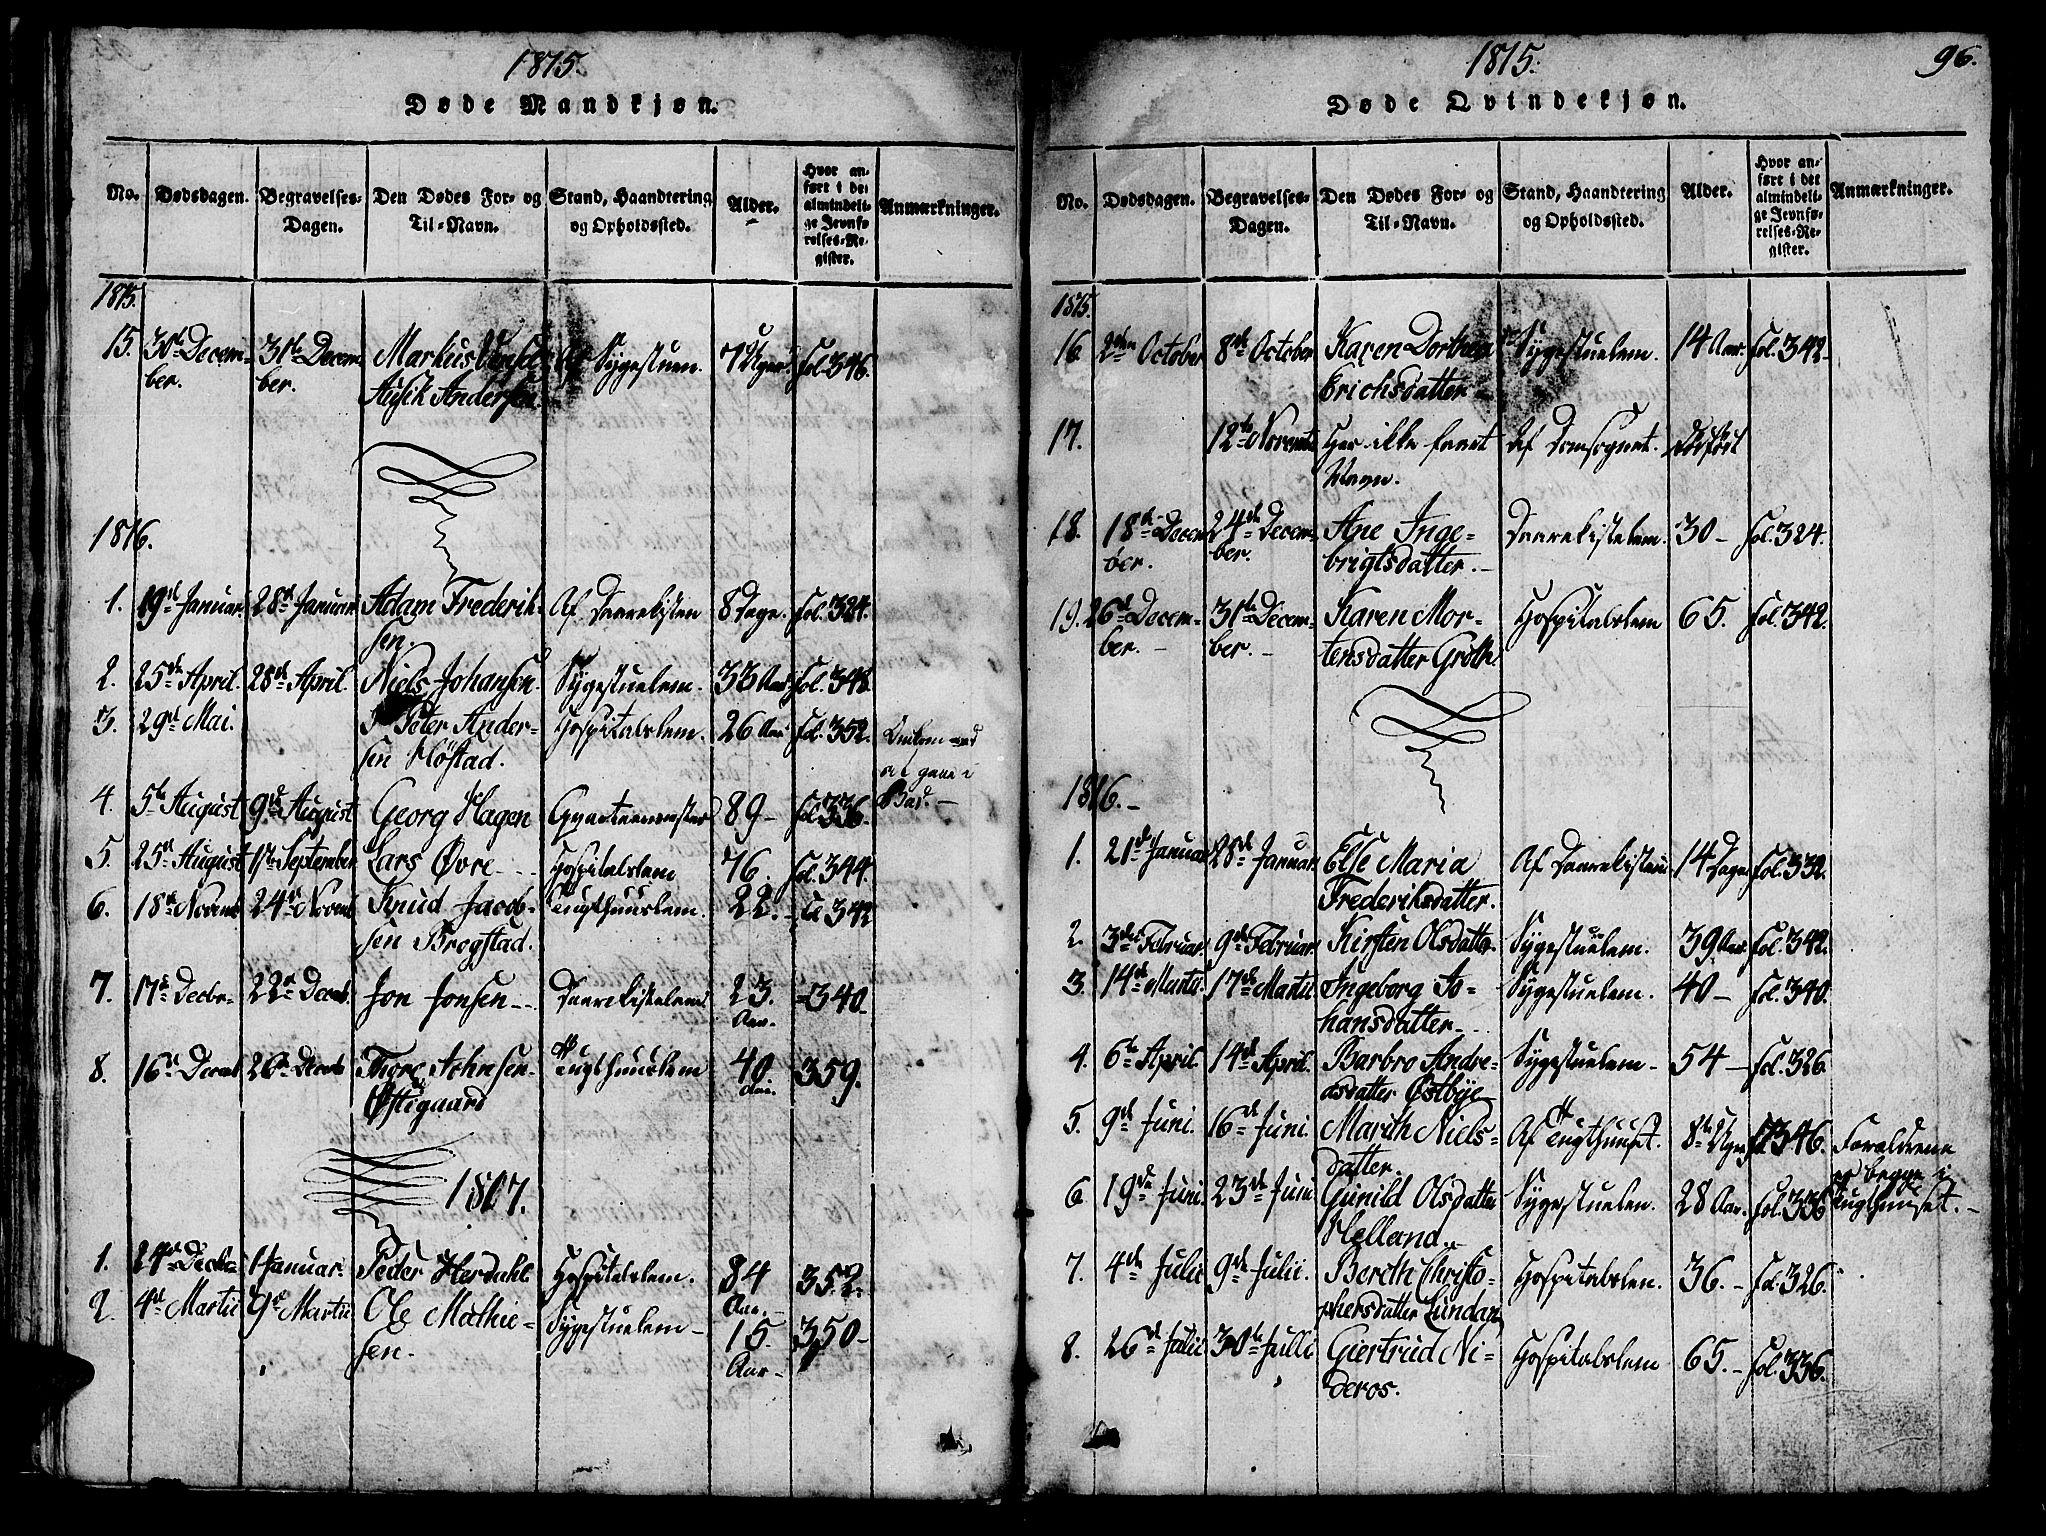 SAT, Ministerialprotokoller, klokkerbøker og fødselsregistre - Sør-Trøndelag, 623/L0478: Klokkerbok nr. 623C01, 1815-1873, s. 96